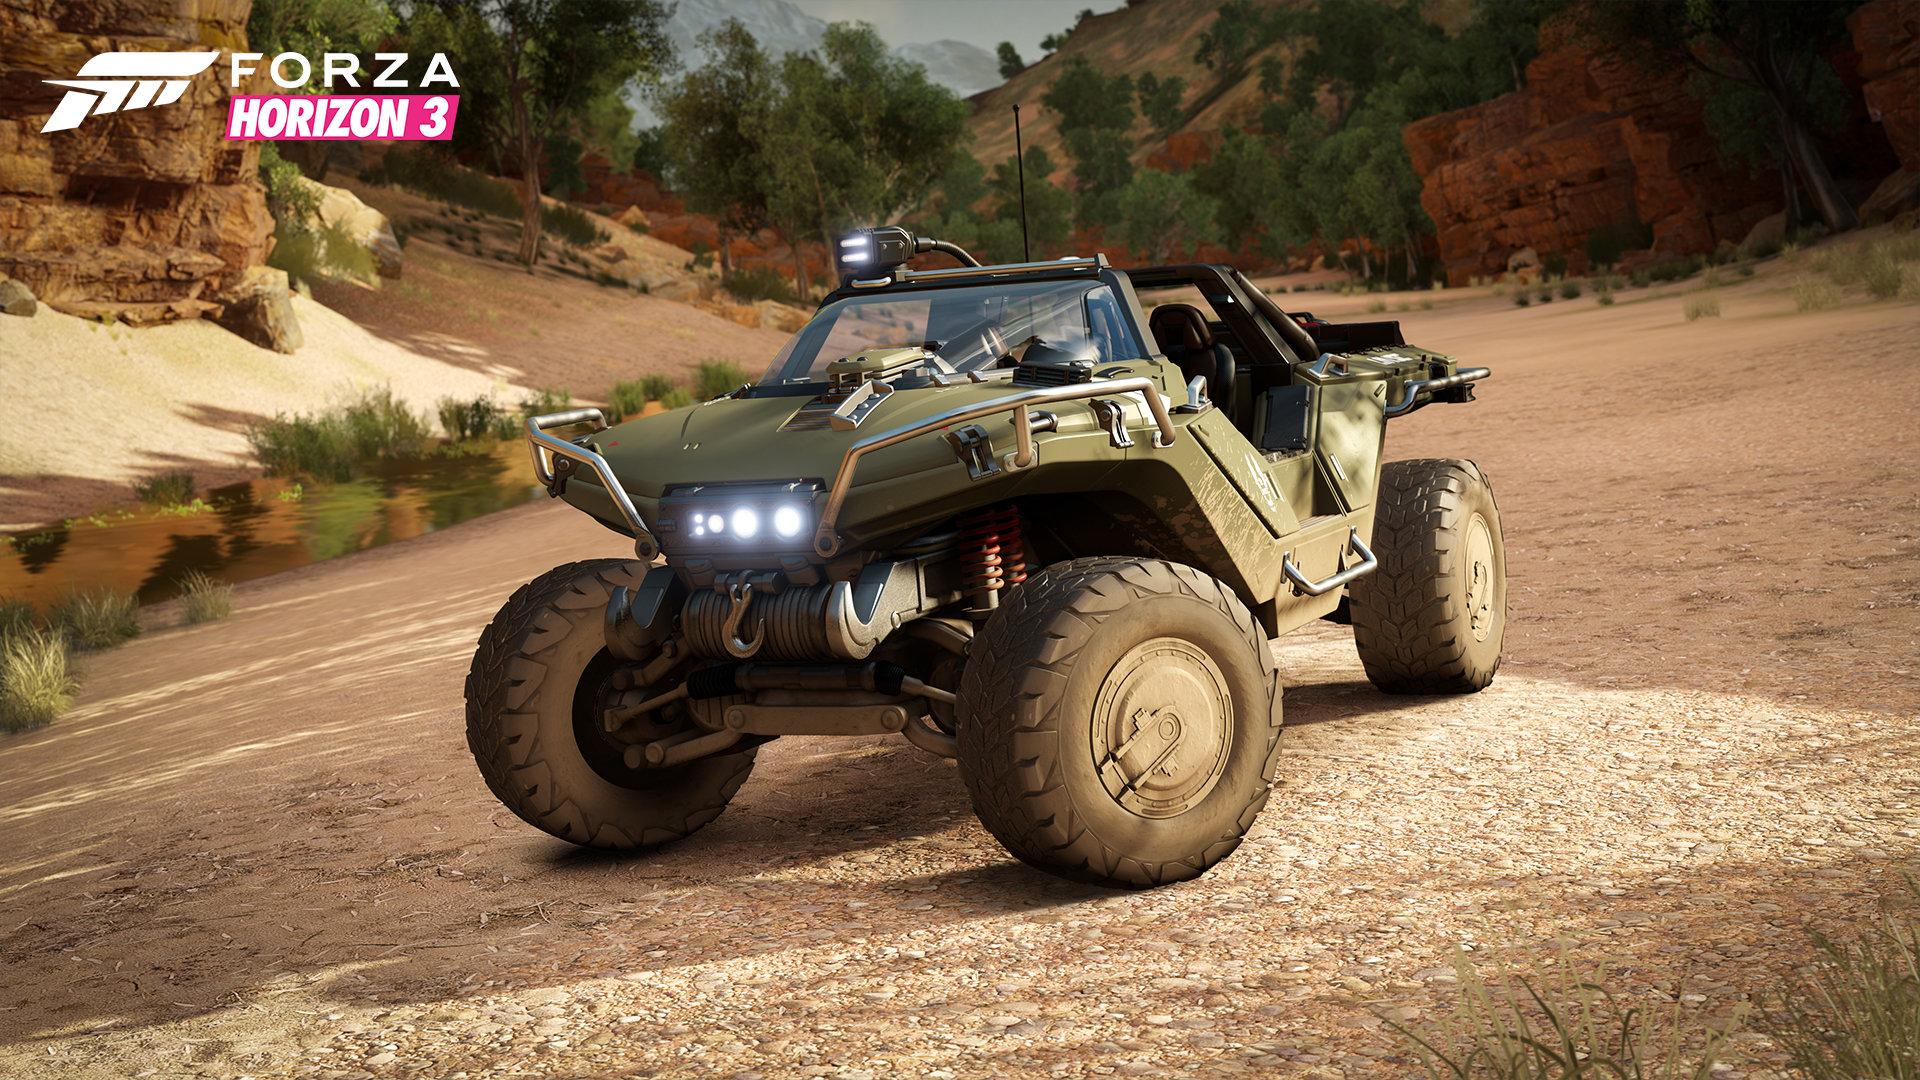 Auch der Warthog-Buggy kann in Forza bewegt werden